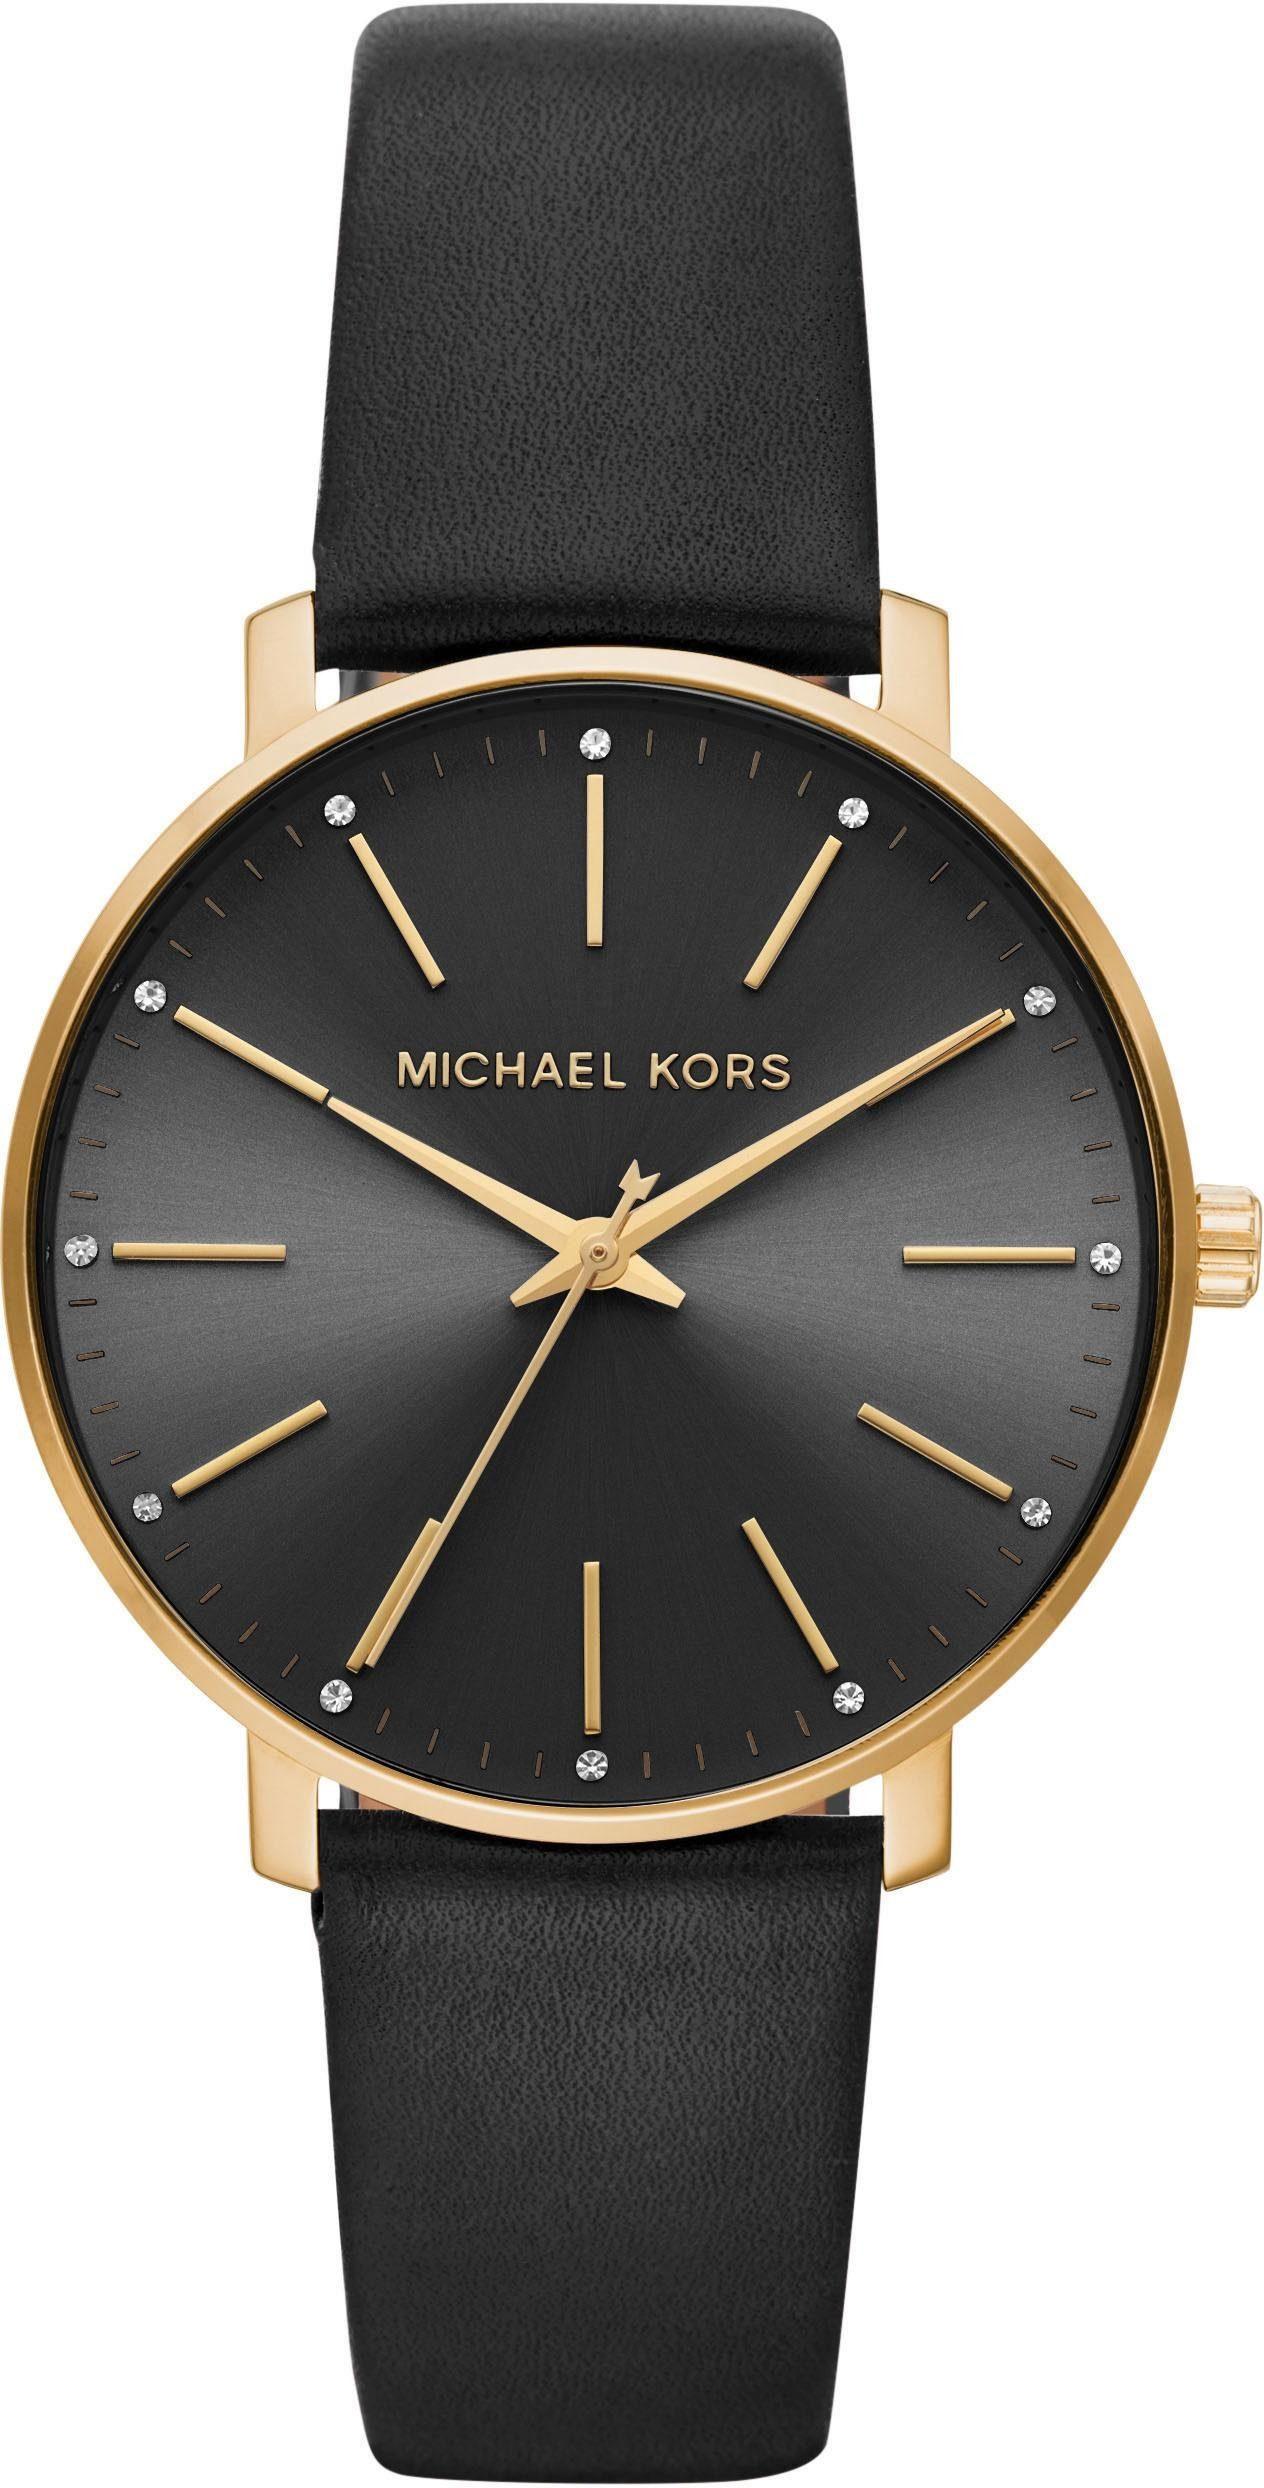 MICHAEL KORS Quarzuhr »PYPER, MK2747«, Schöne Armbanduhr für Damen online kaufen | OTTO